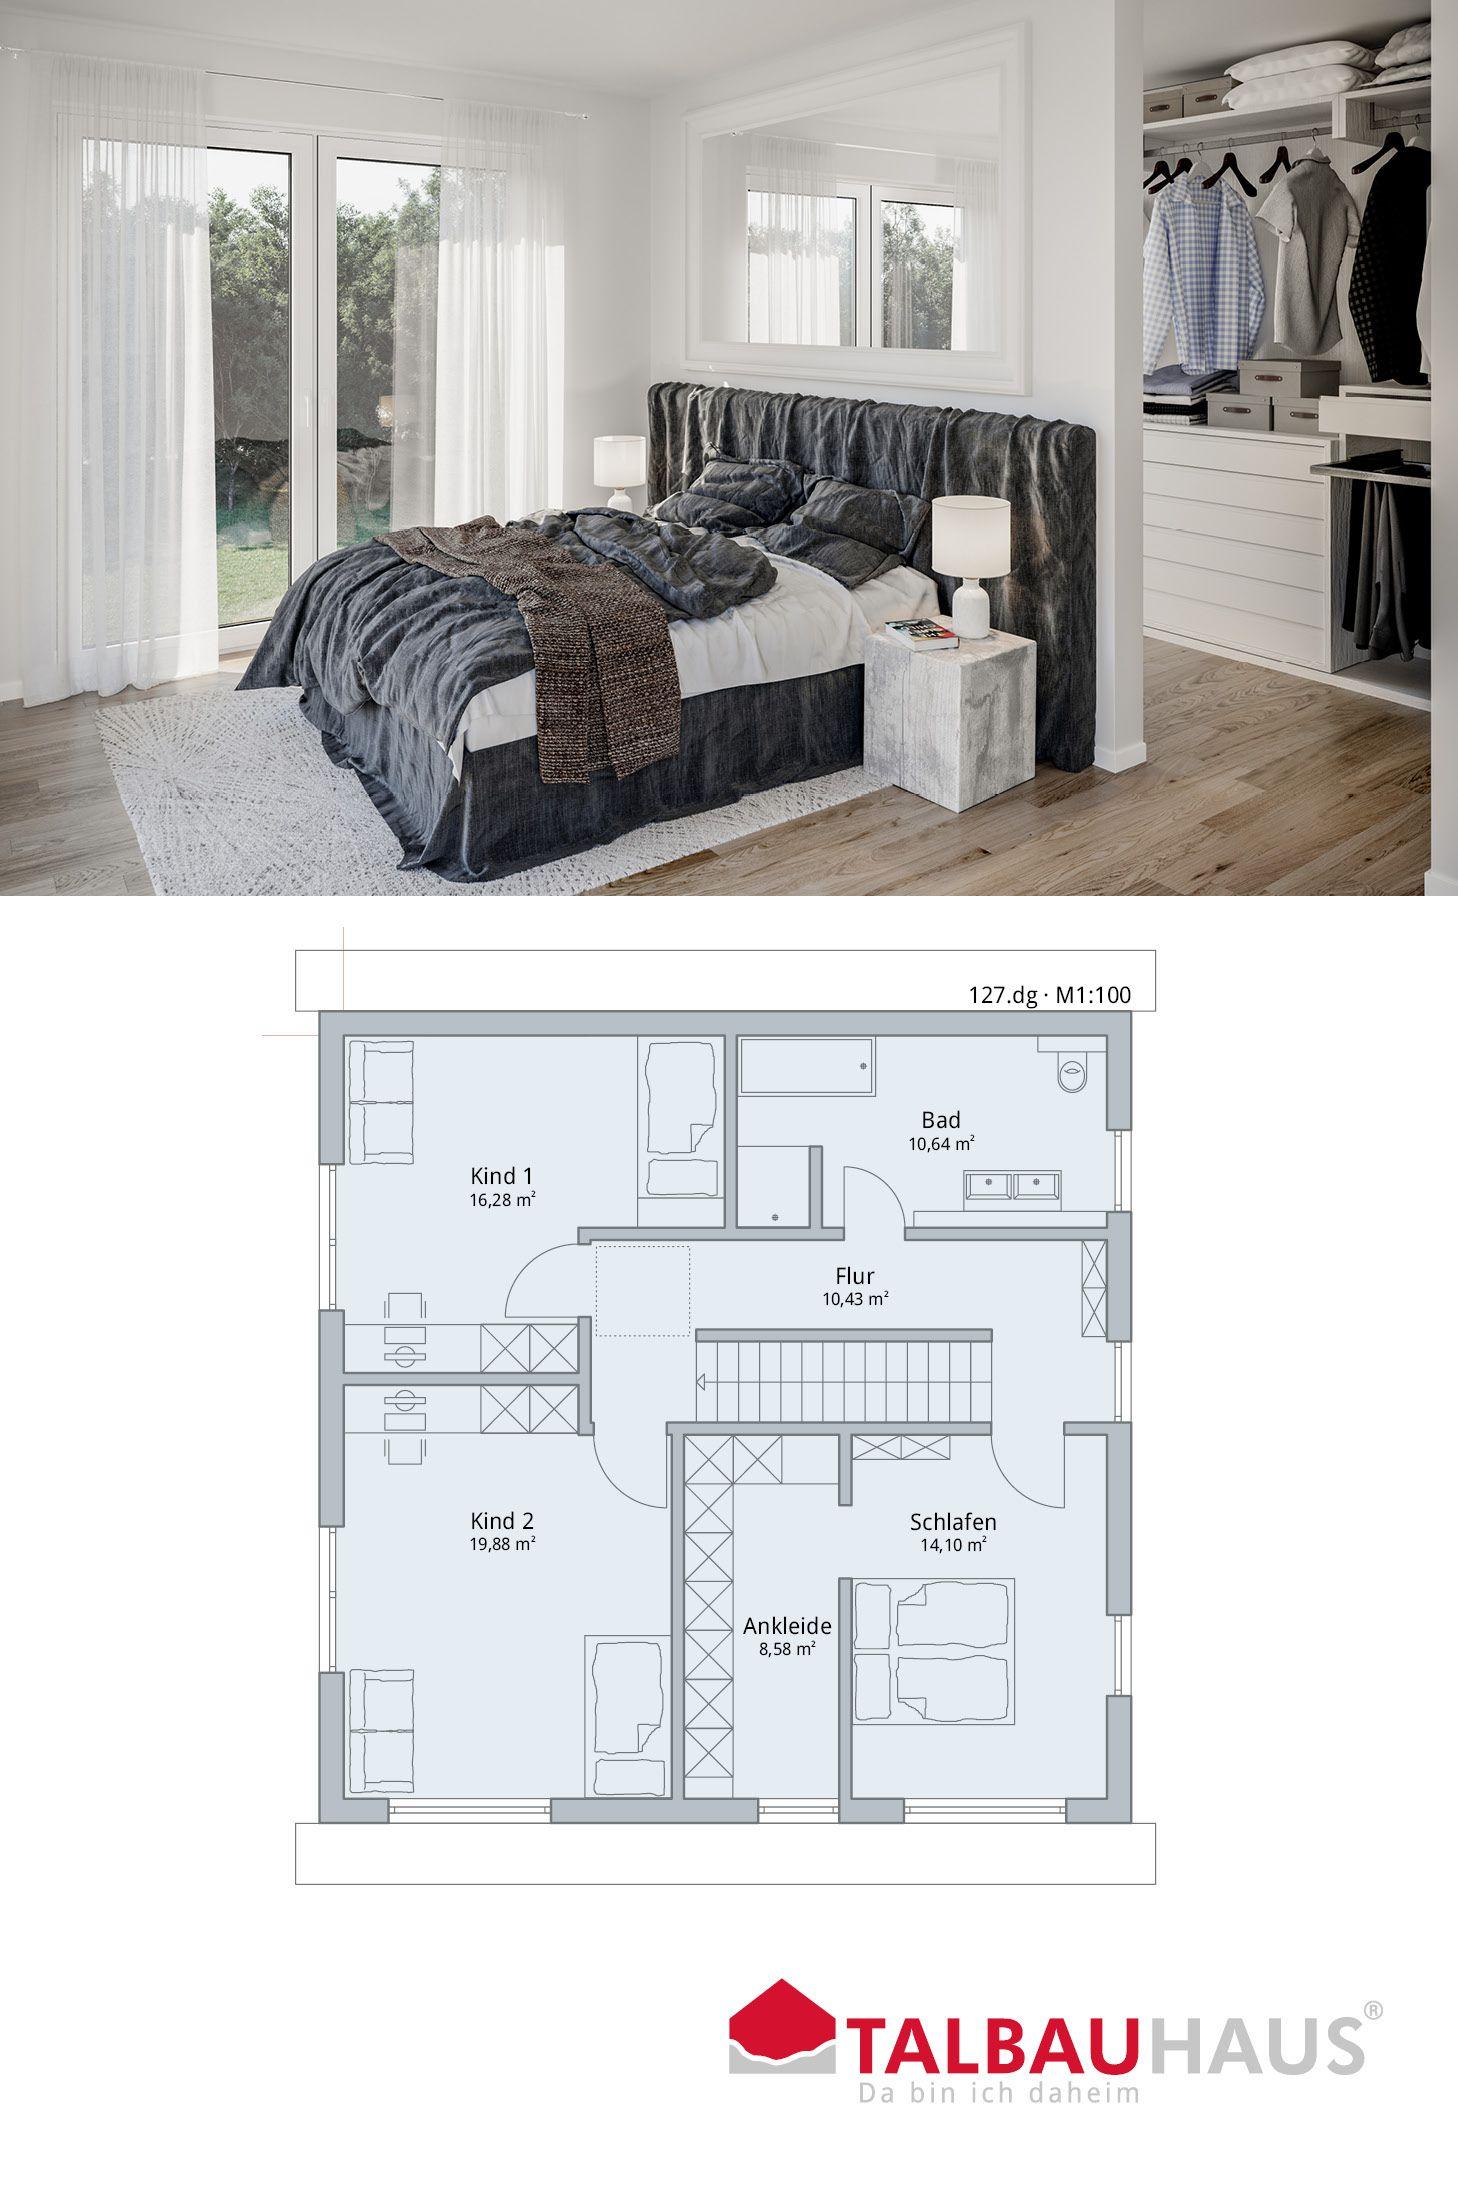 Schlafzimmer Mit Ankleide Ankleide Zimmer Ankleide Schlafzimmer Einrichten